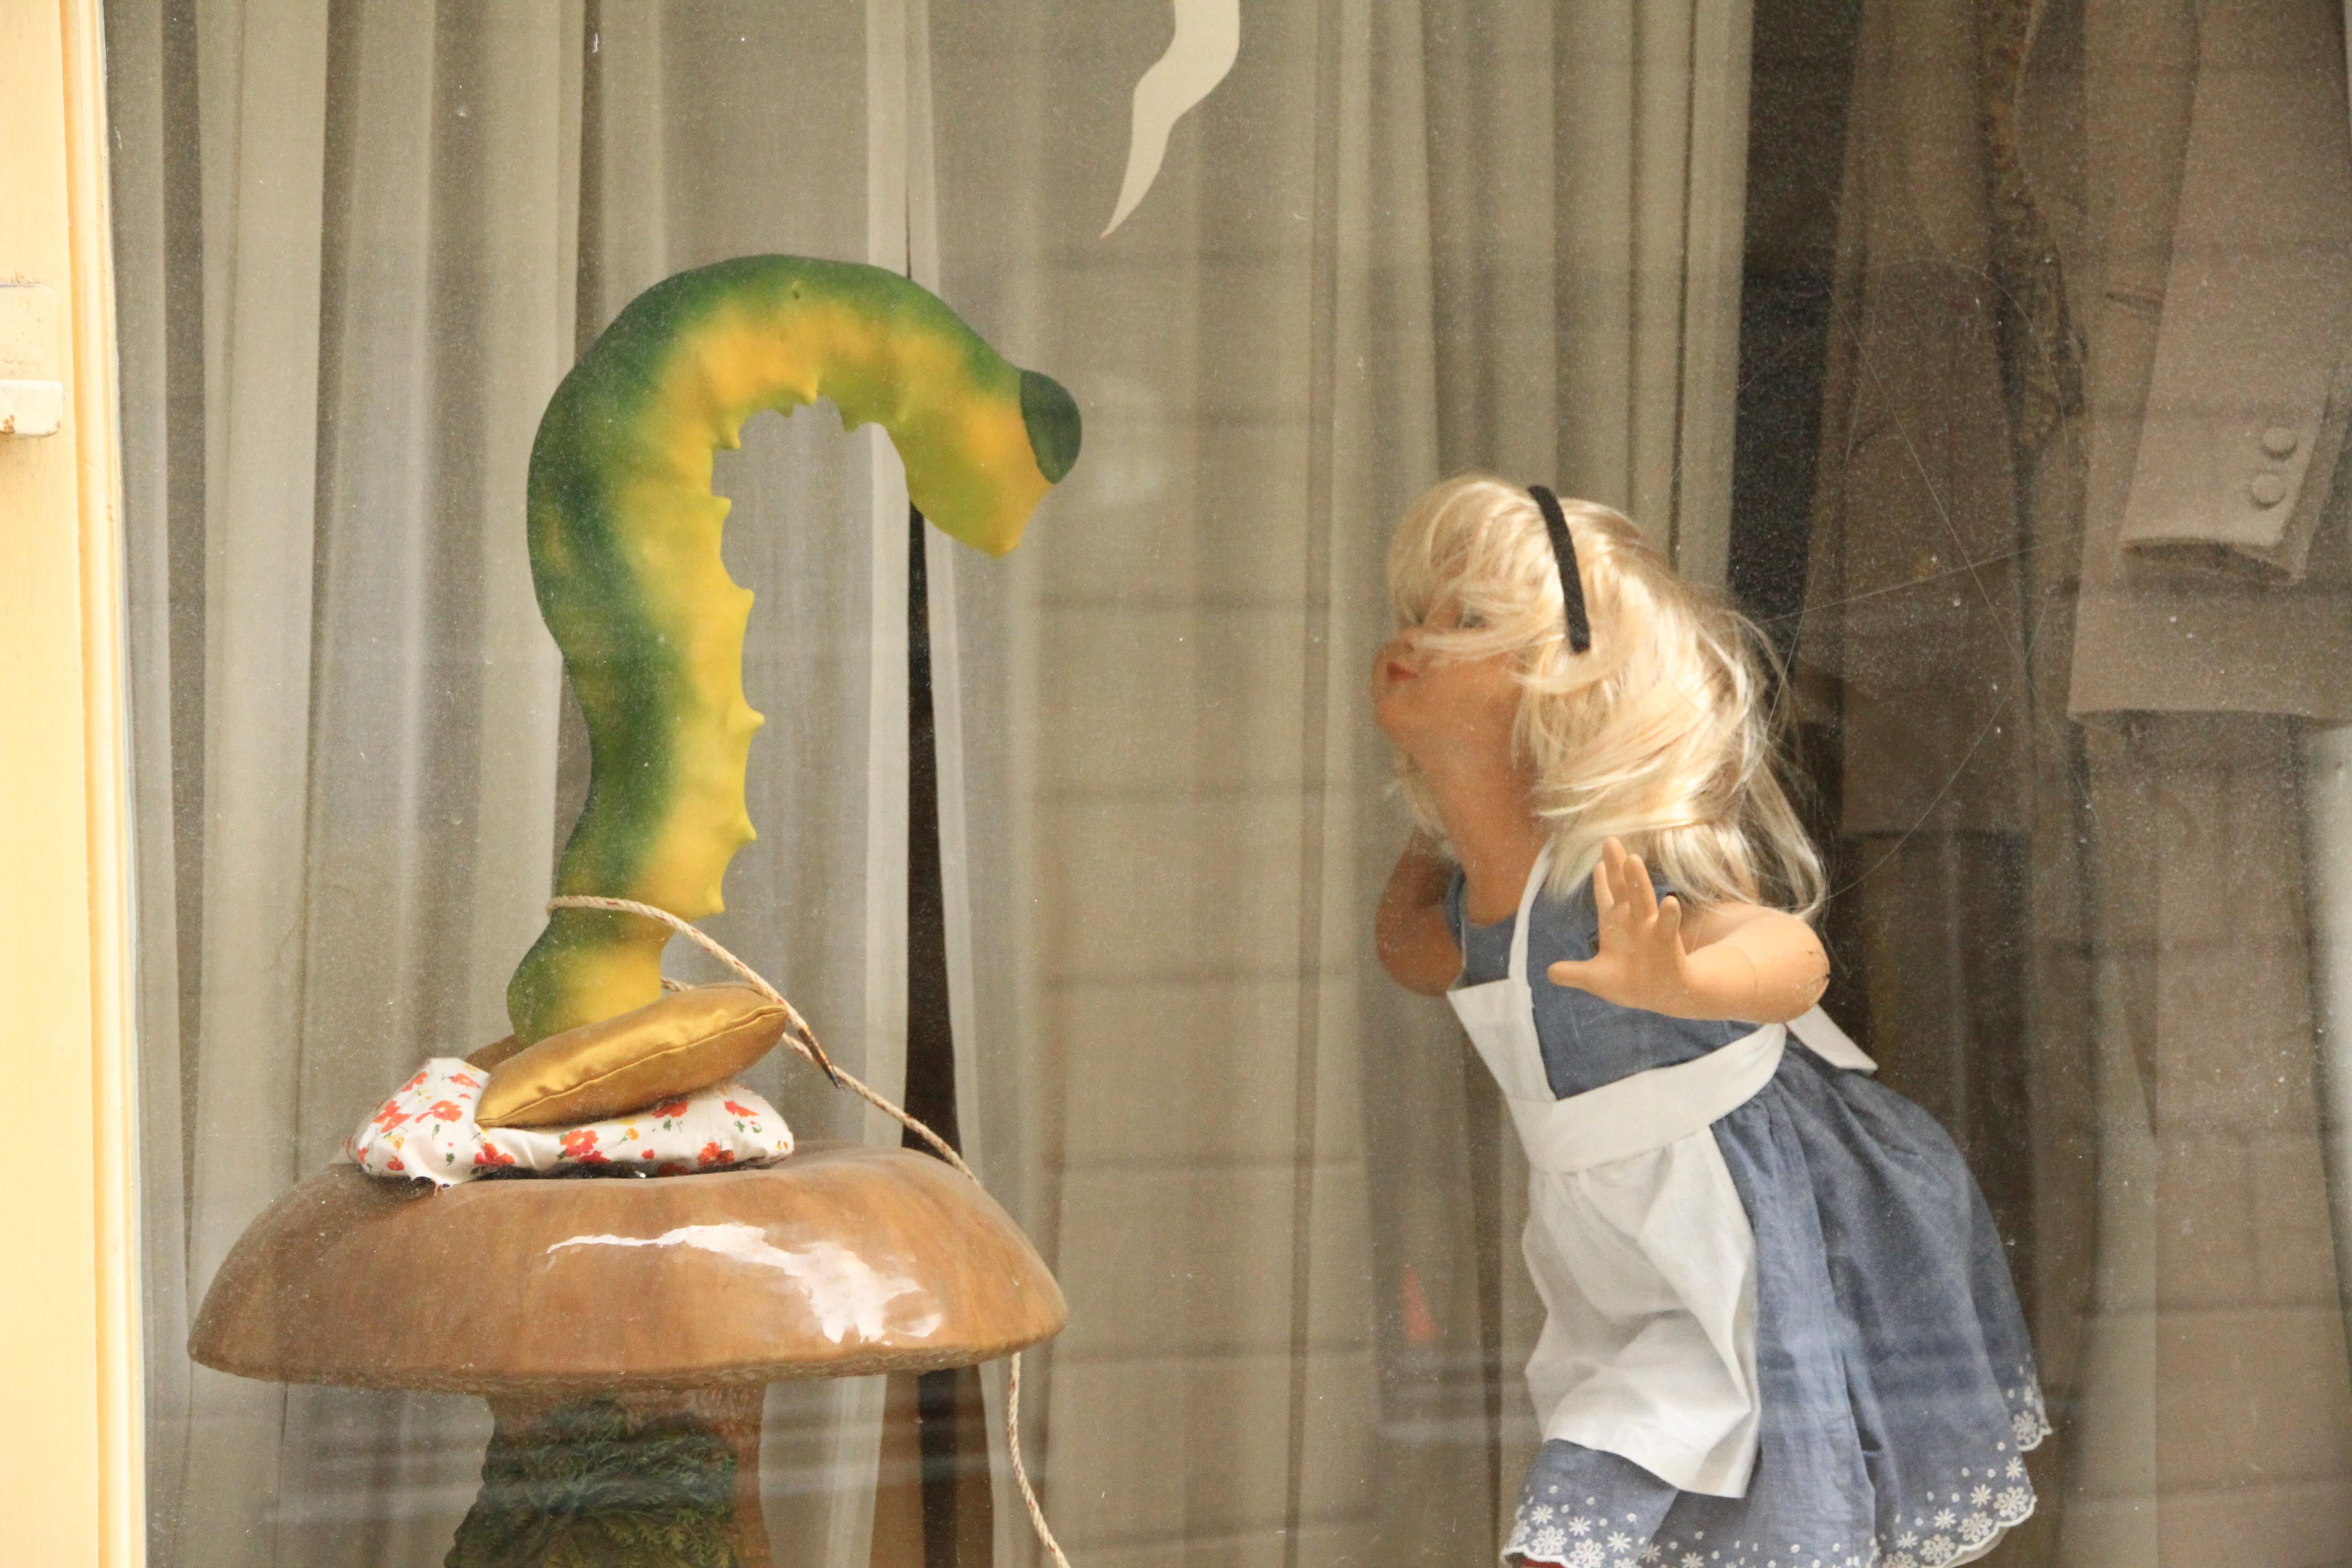 117、瑞典:橱窗里的女孩与毛毛虫